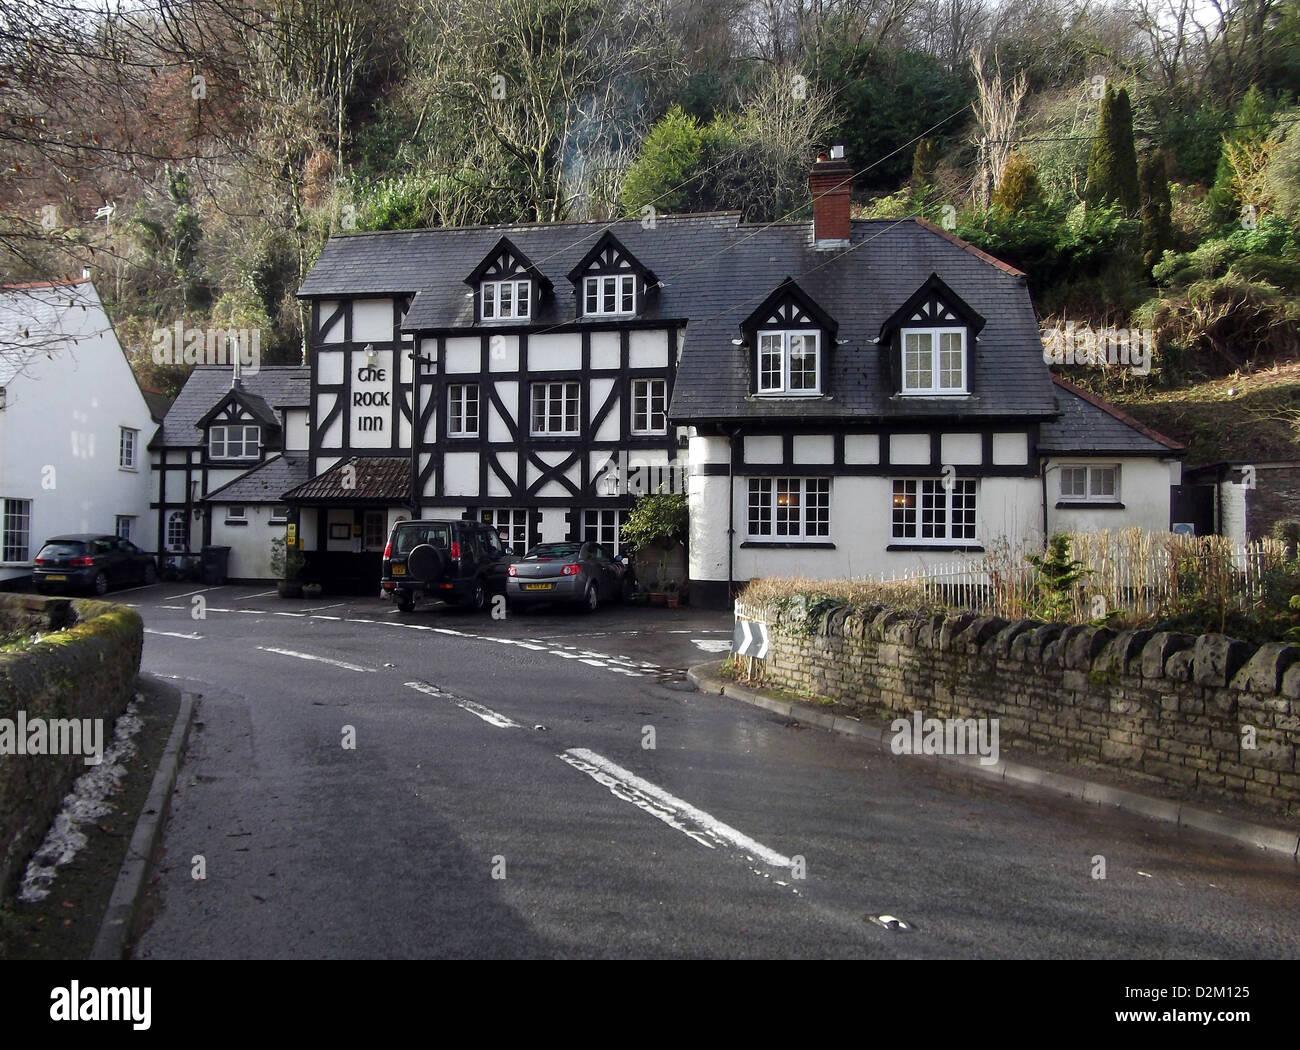 The Rock Inn waterrow, nr, Taunton, Somerset, TA4 2AX, Großbritannien ein englisches Pub mit feinem Dining, Stockbild